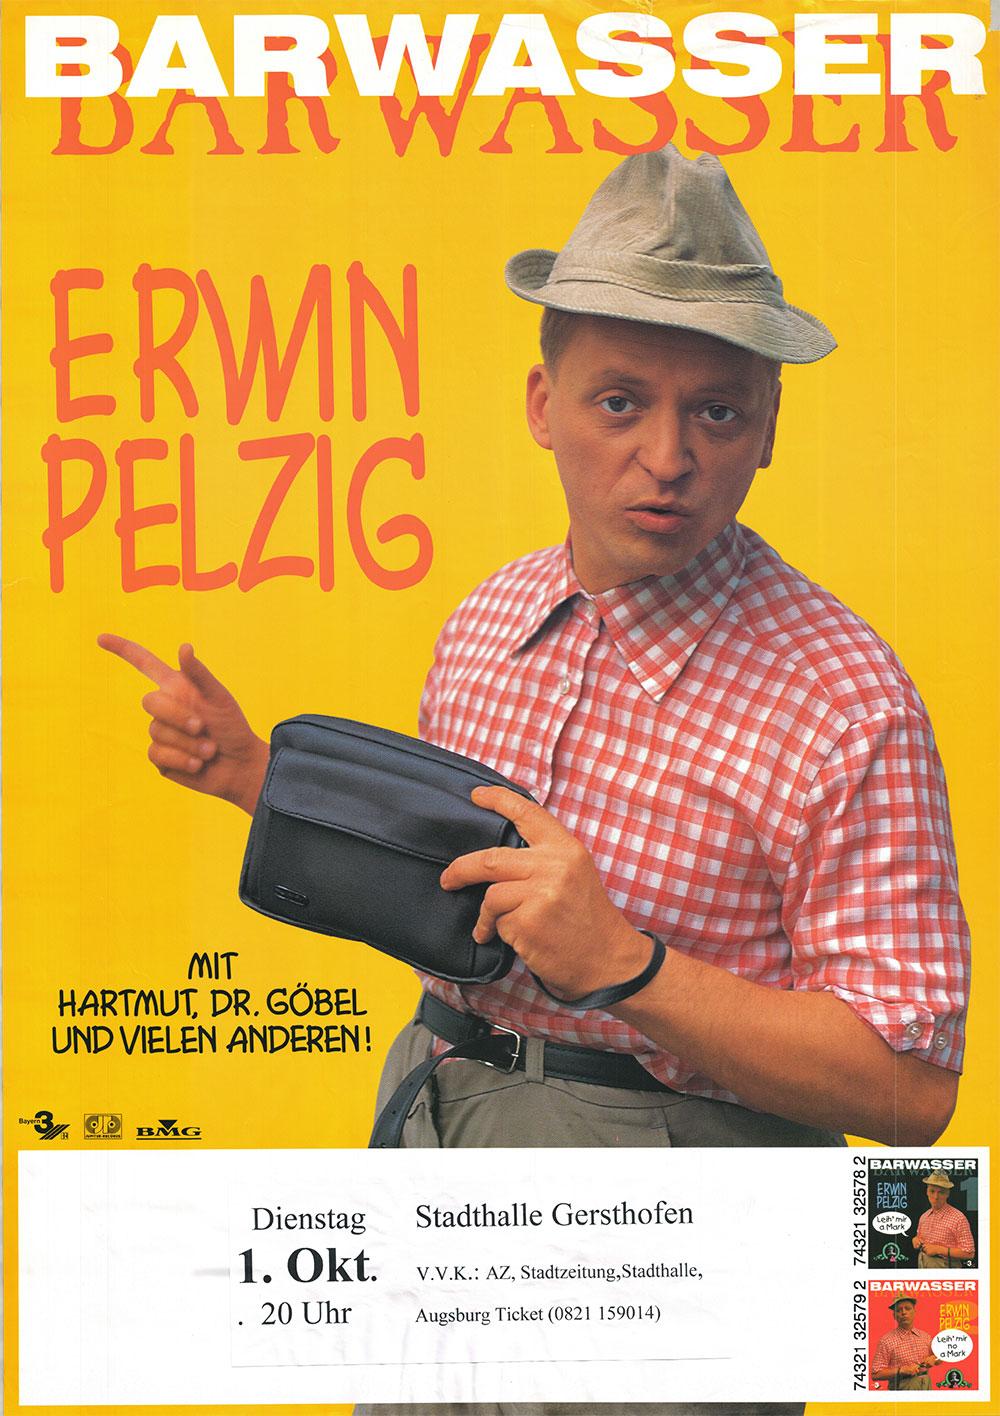 Frank Markus Barwasser als Erwin Pelzig 1996